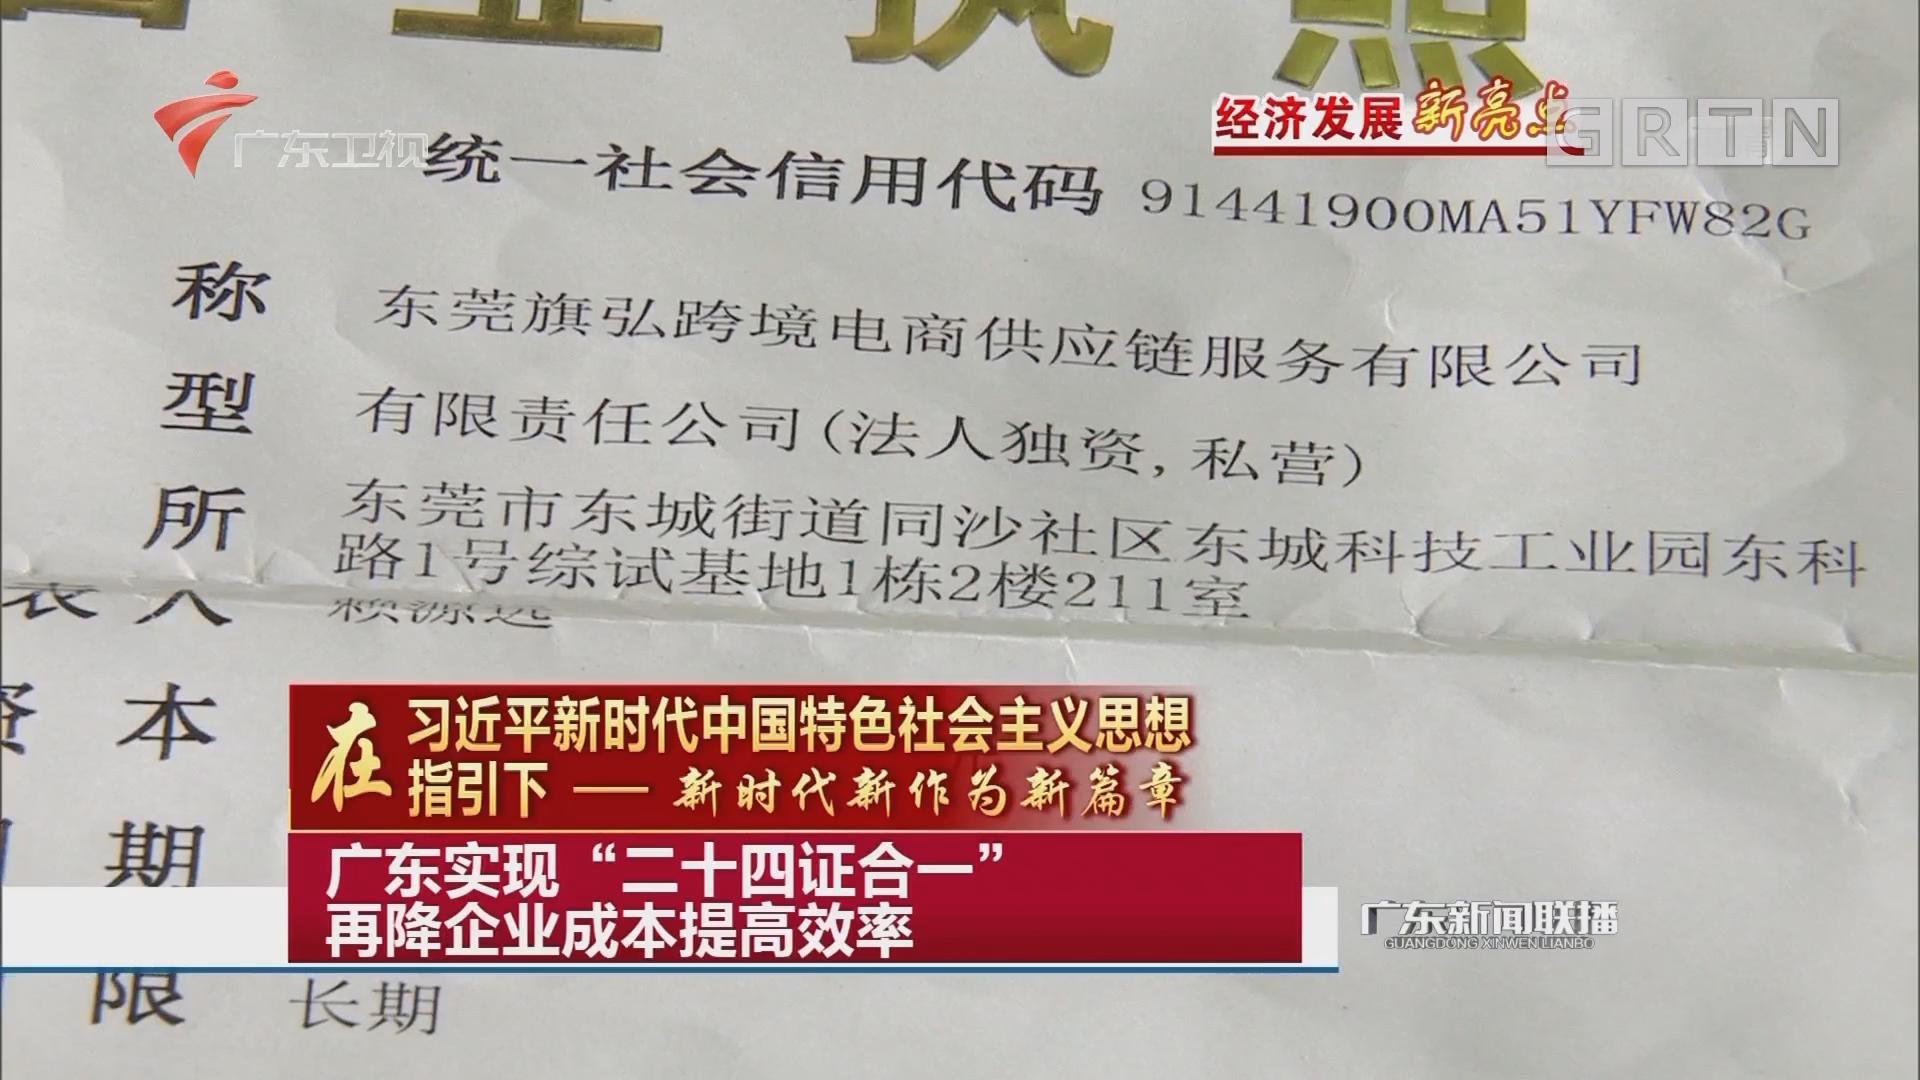 """广东实现""""二十四证合一"""" 再降企业成本提高效率"""